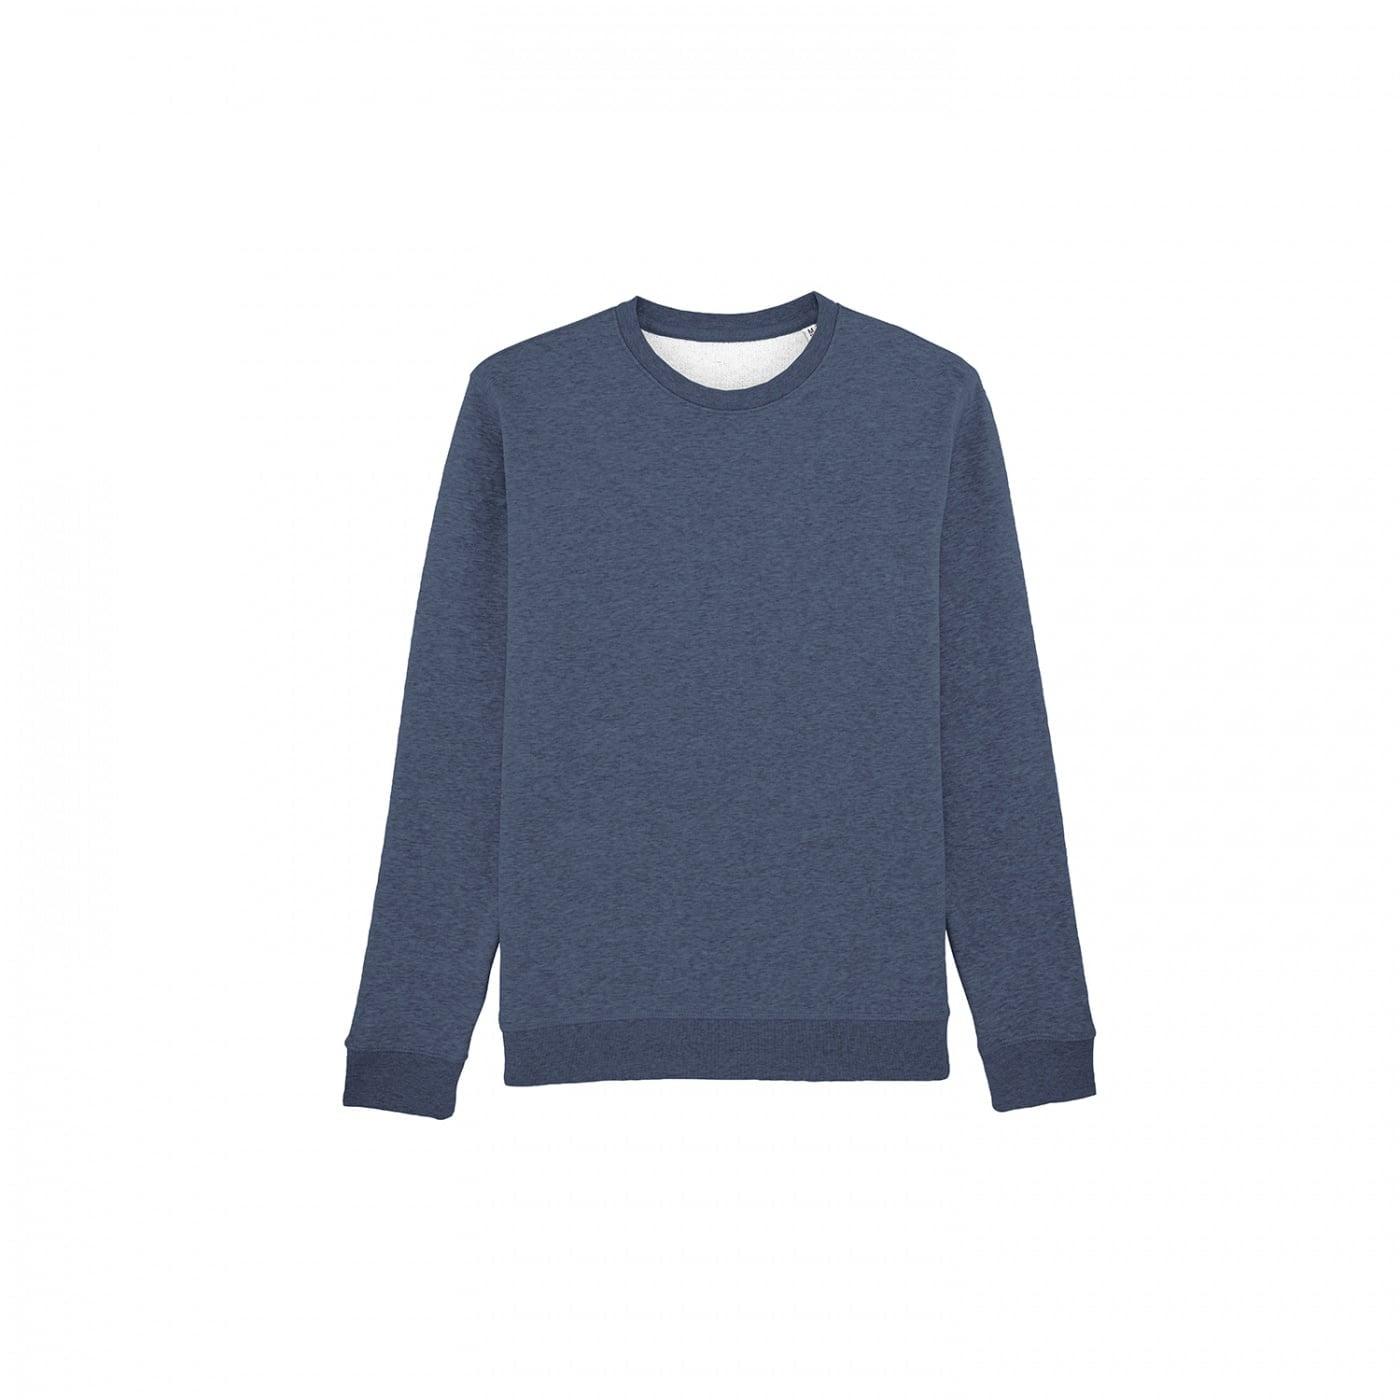 Bluzy - Bluza Crewneck Rise - Stanley/Stella STSU811 - Dark Heather Blue - RAVEN - koszulki reklamowe z nadrukiem, odzież reklamowa i gastronomiczna